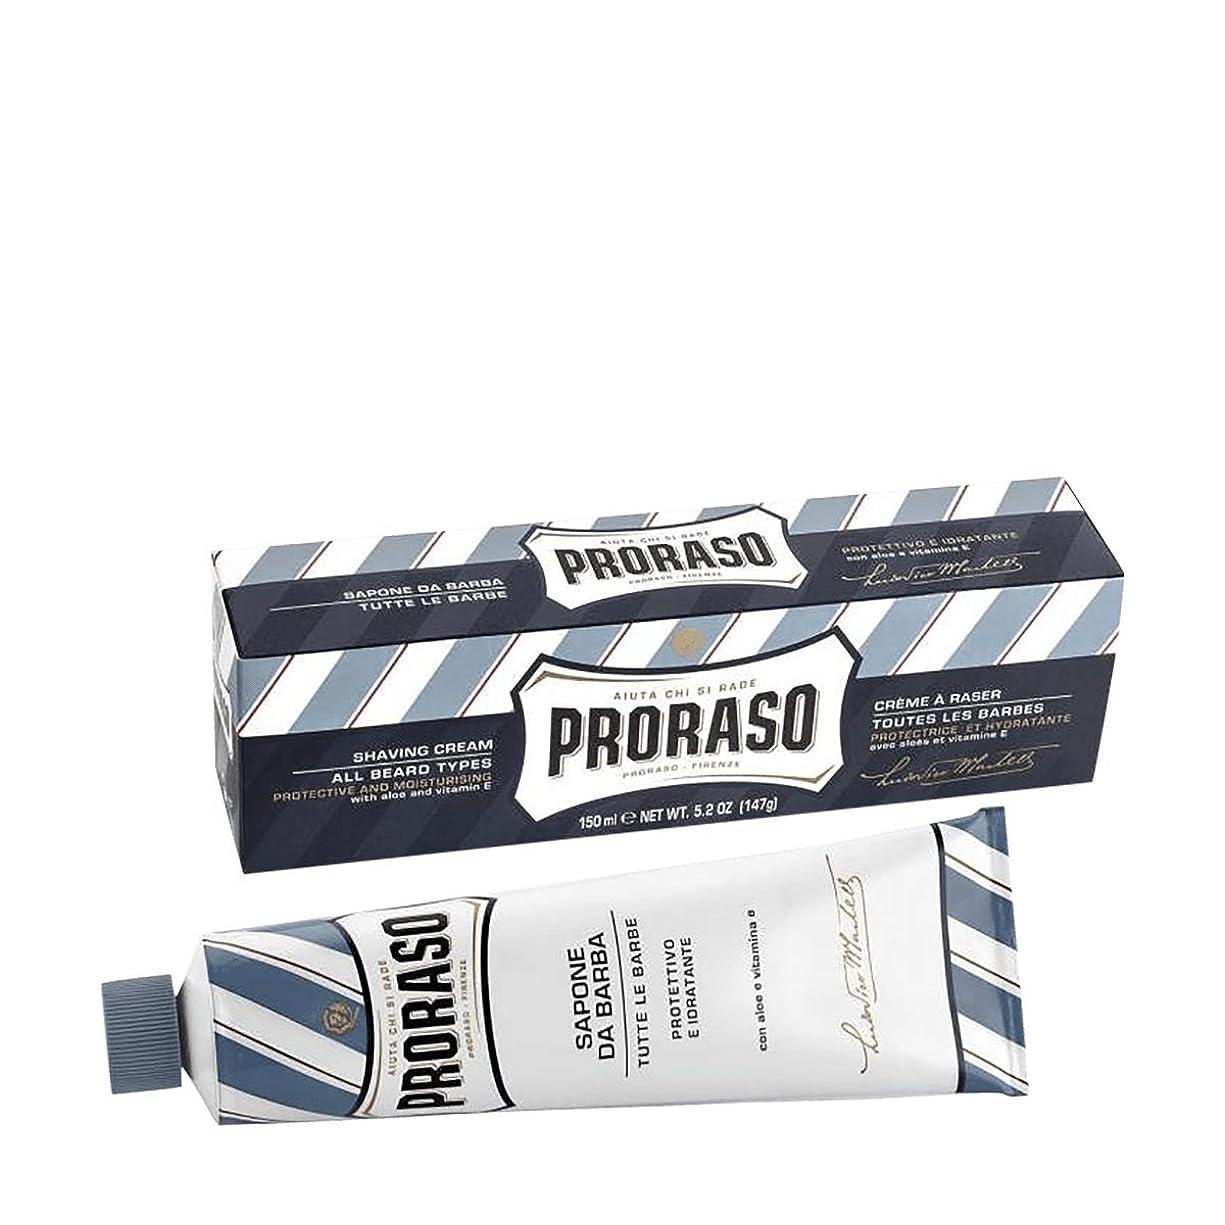 フリッパー芝生持続するProraso シェービングクリームチューブプロテクティブ150ml[海外直送品] [並行輸入品]